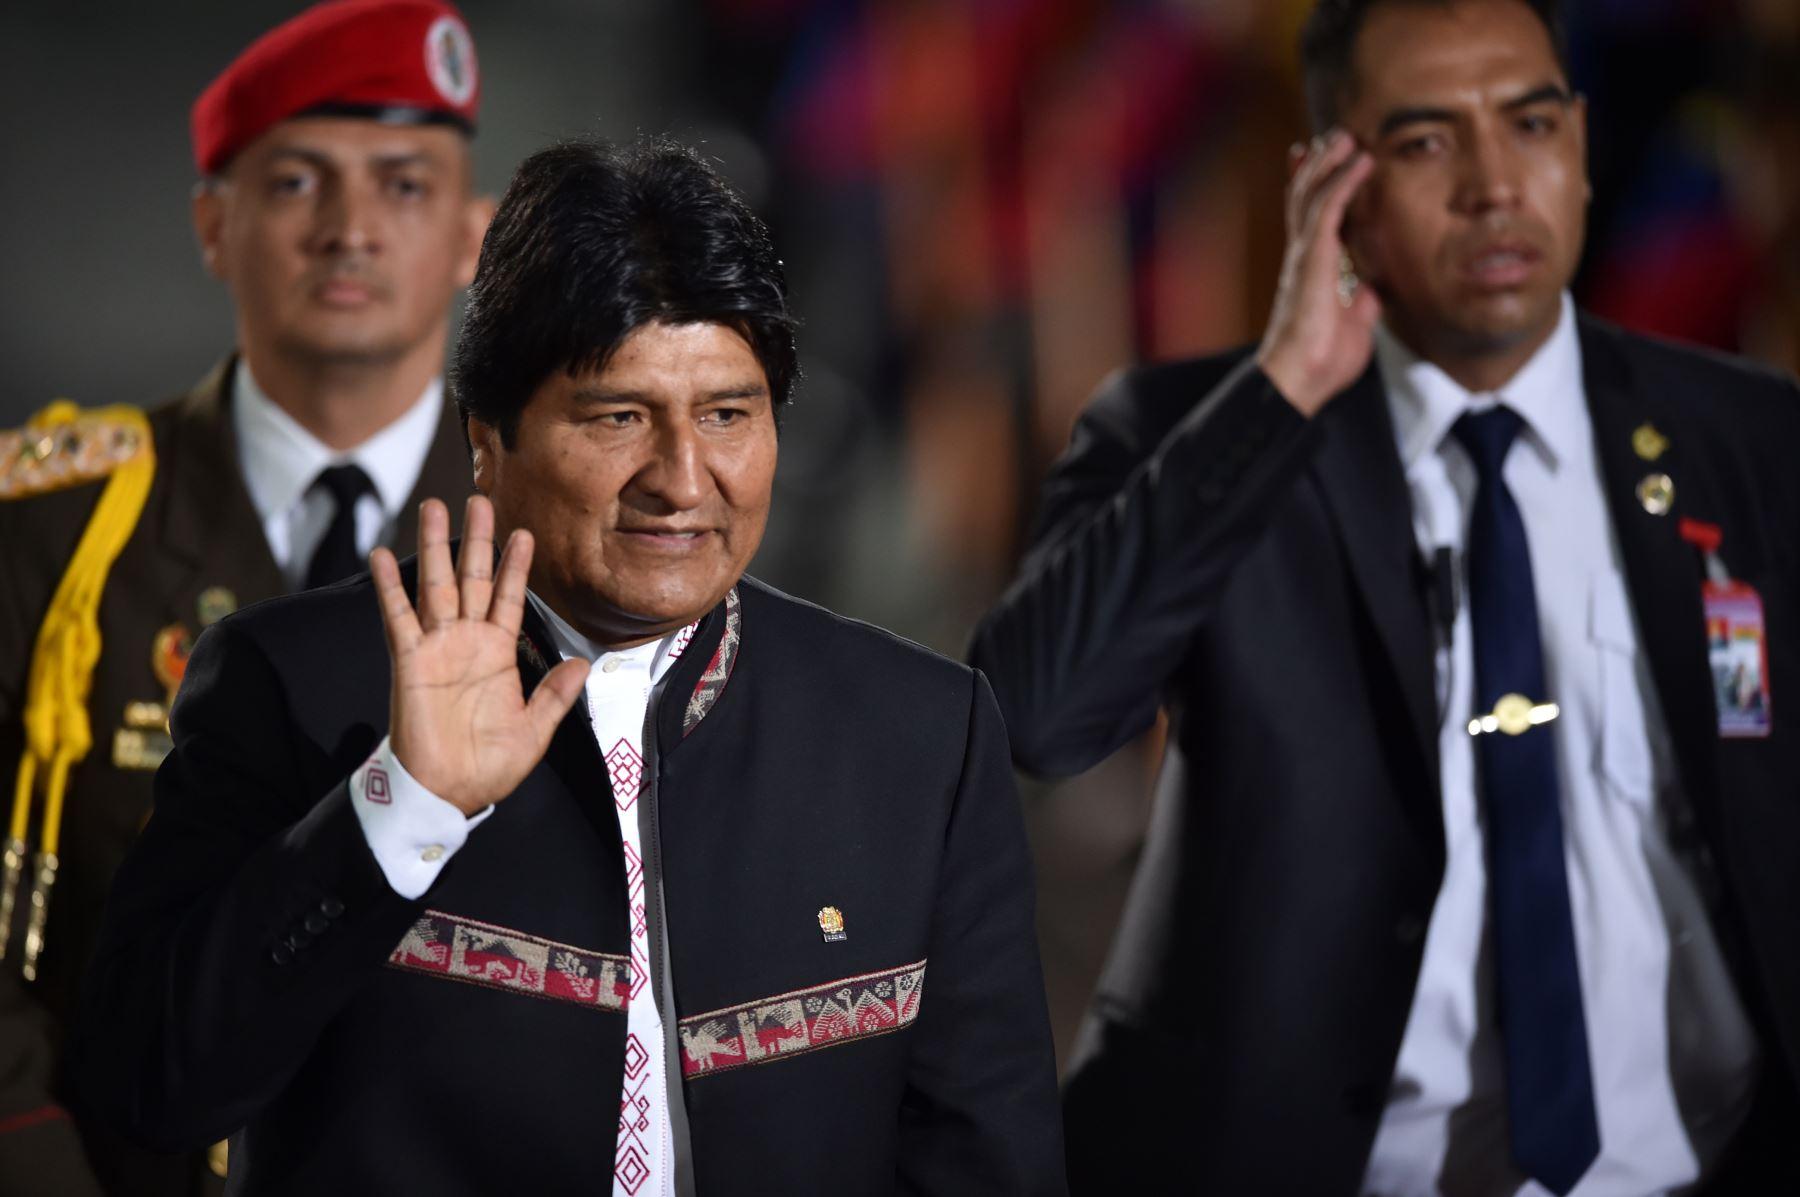 El presidente de Bolivia, Evo Morales, saluda al llegar a la ceremonia de inauguración del segundo mandato del presidente de Venezuela, Nicolás Maduro. AFP